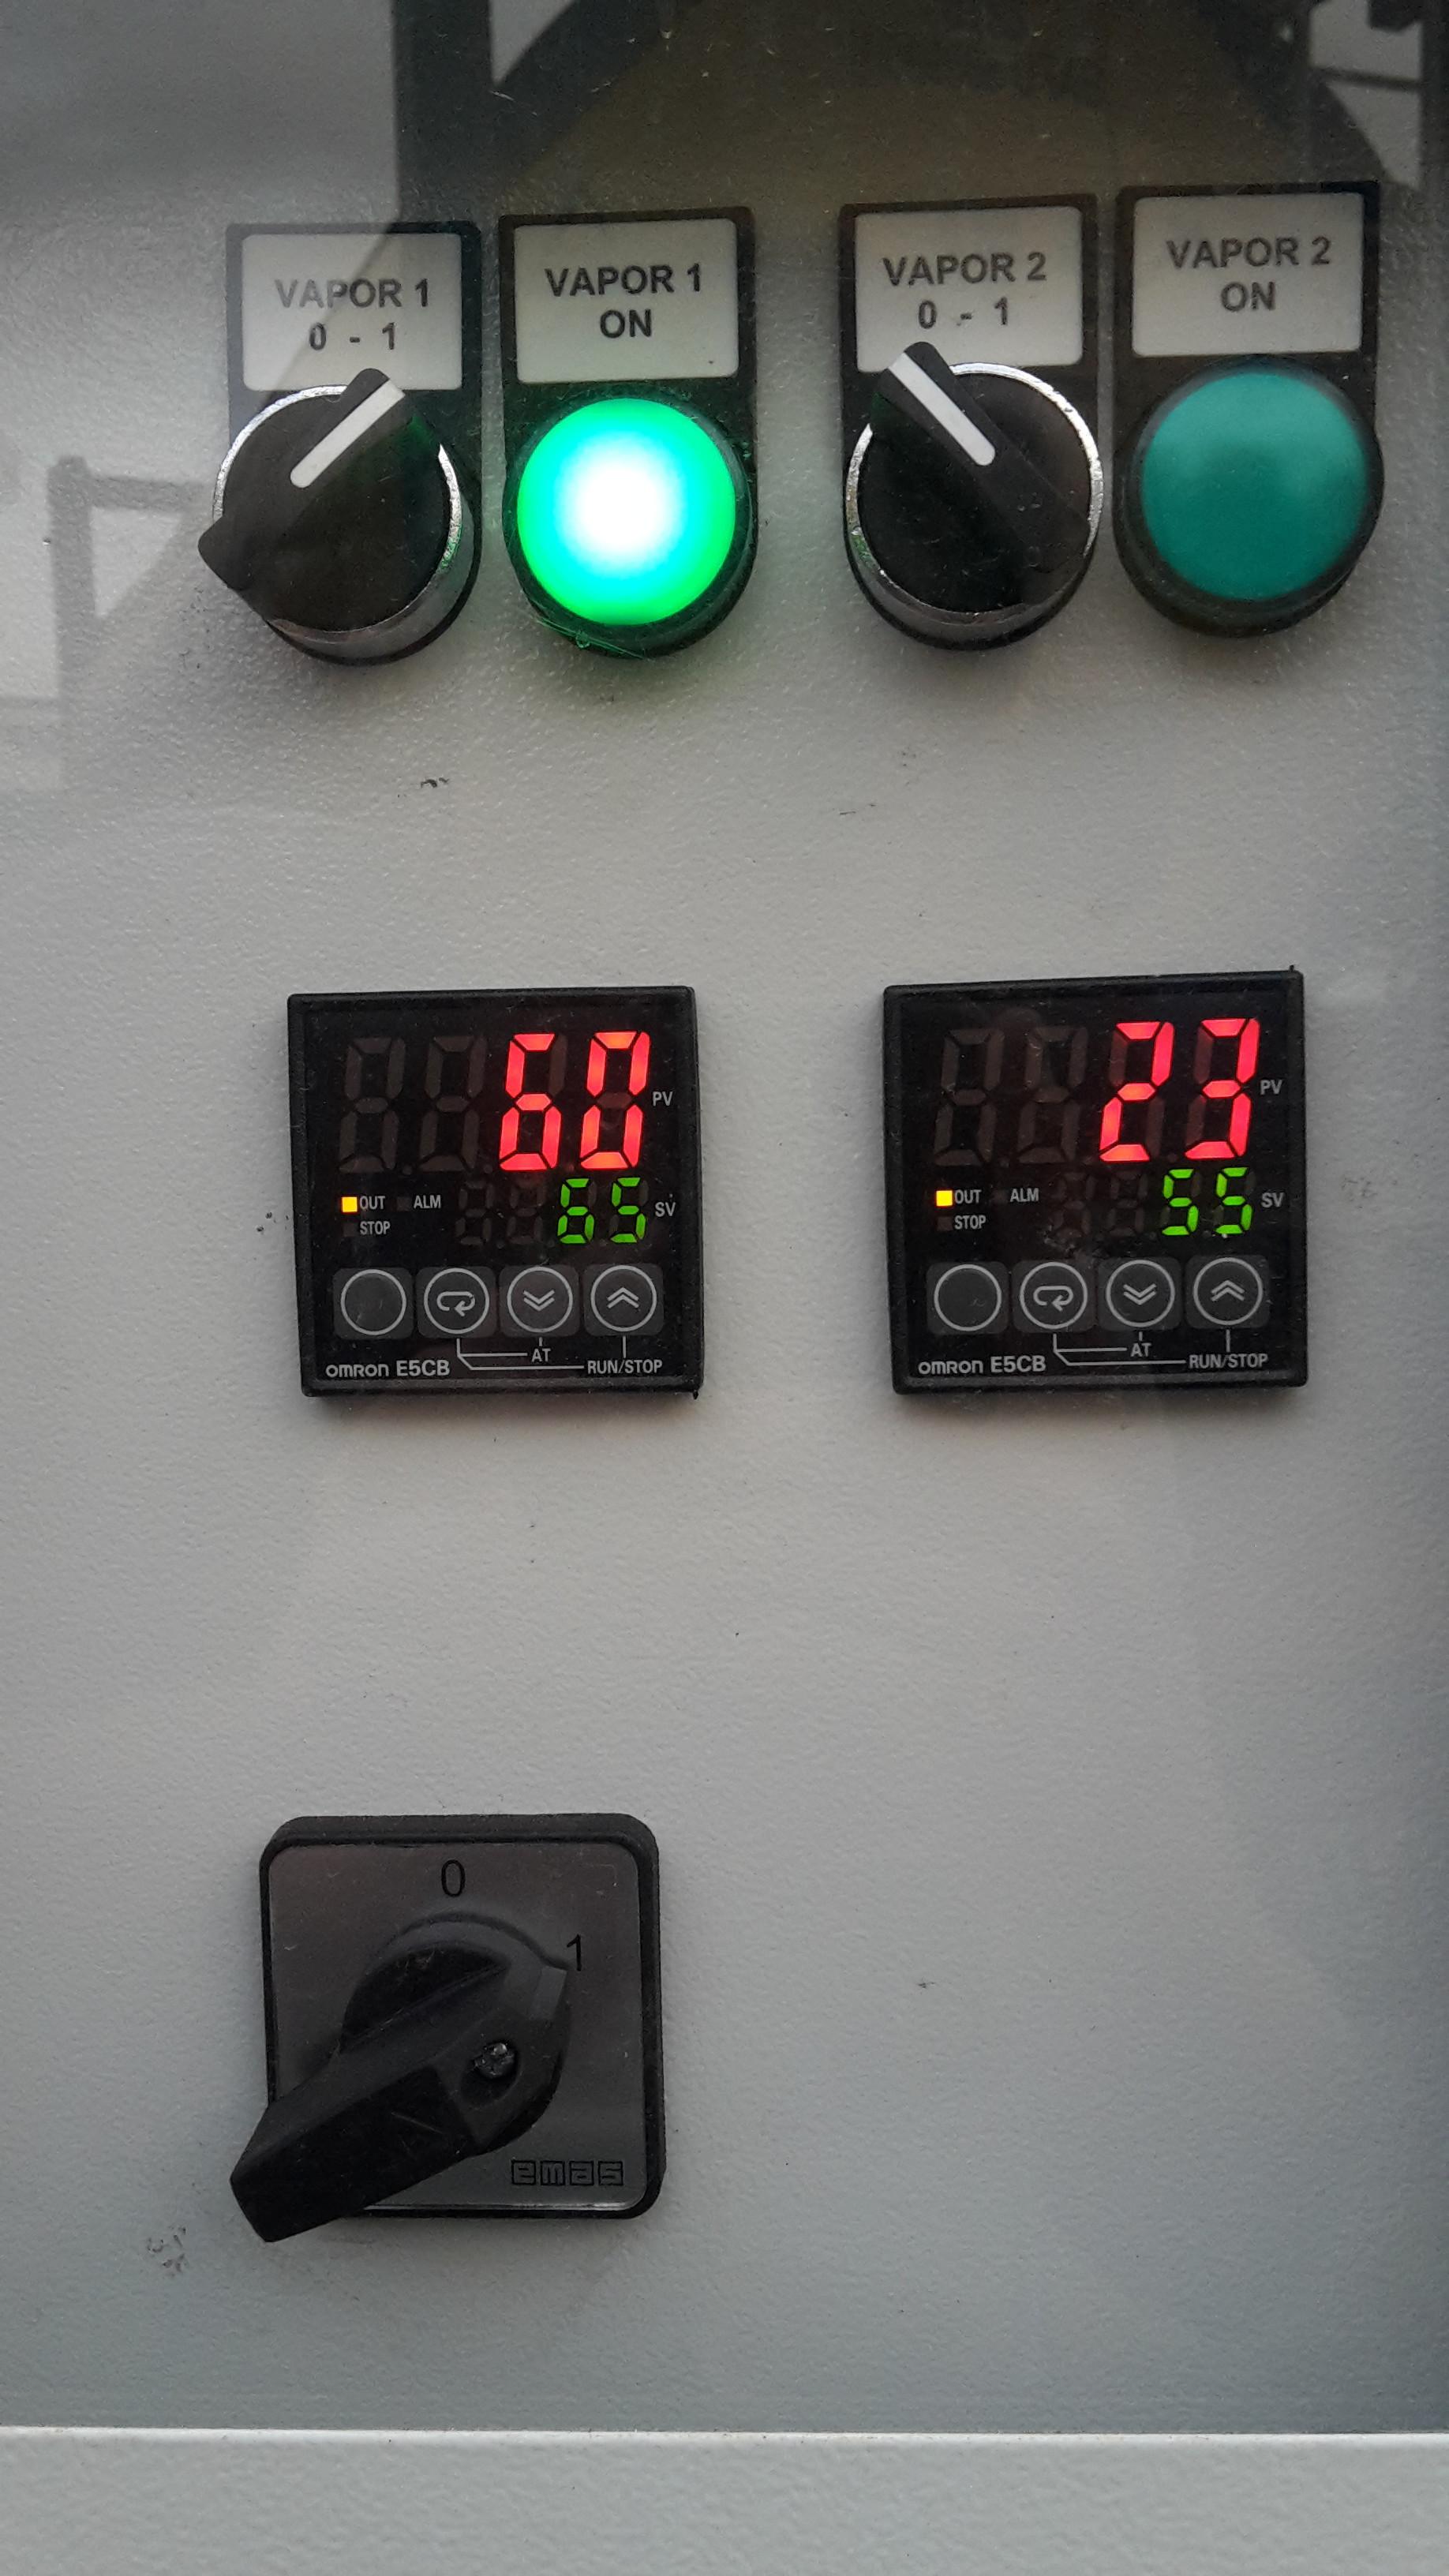 controldetemperatura